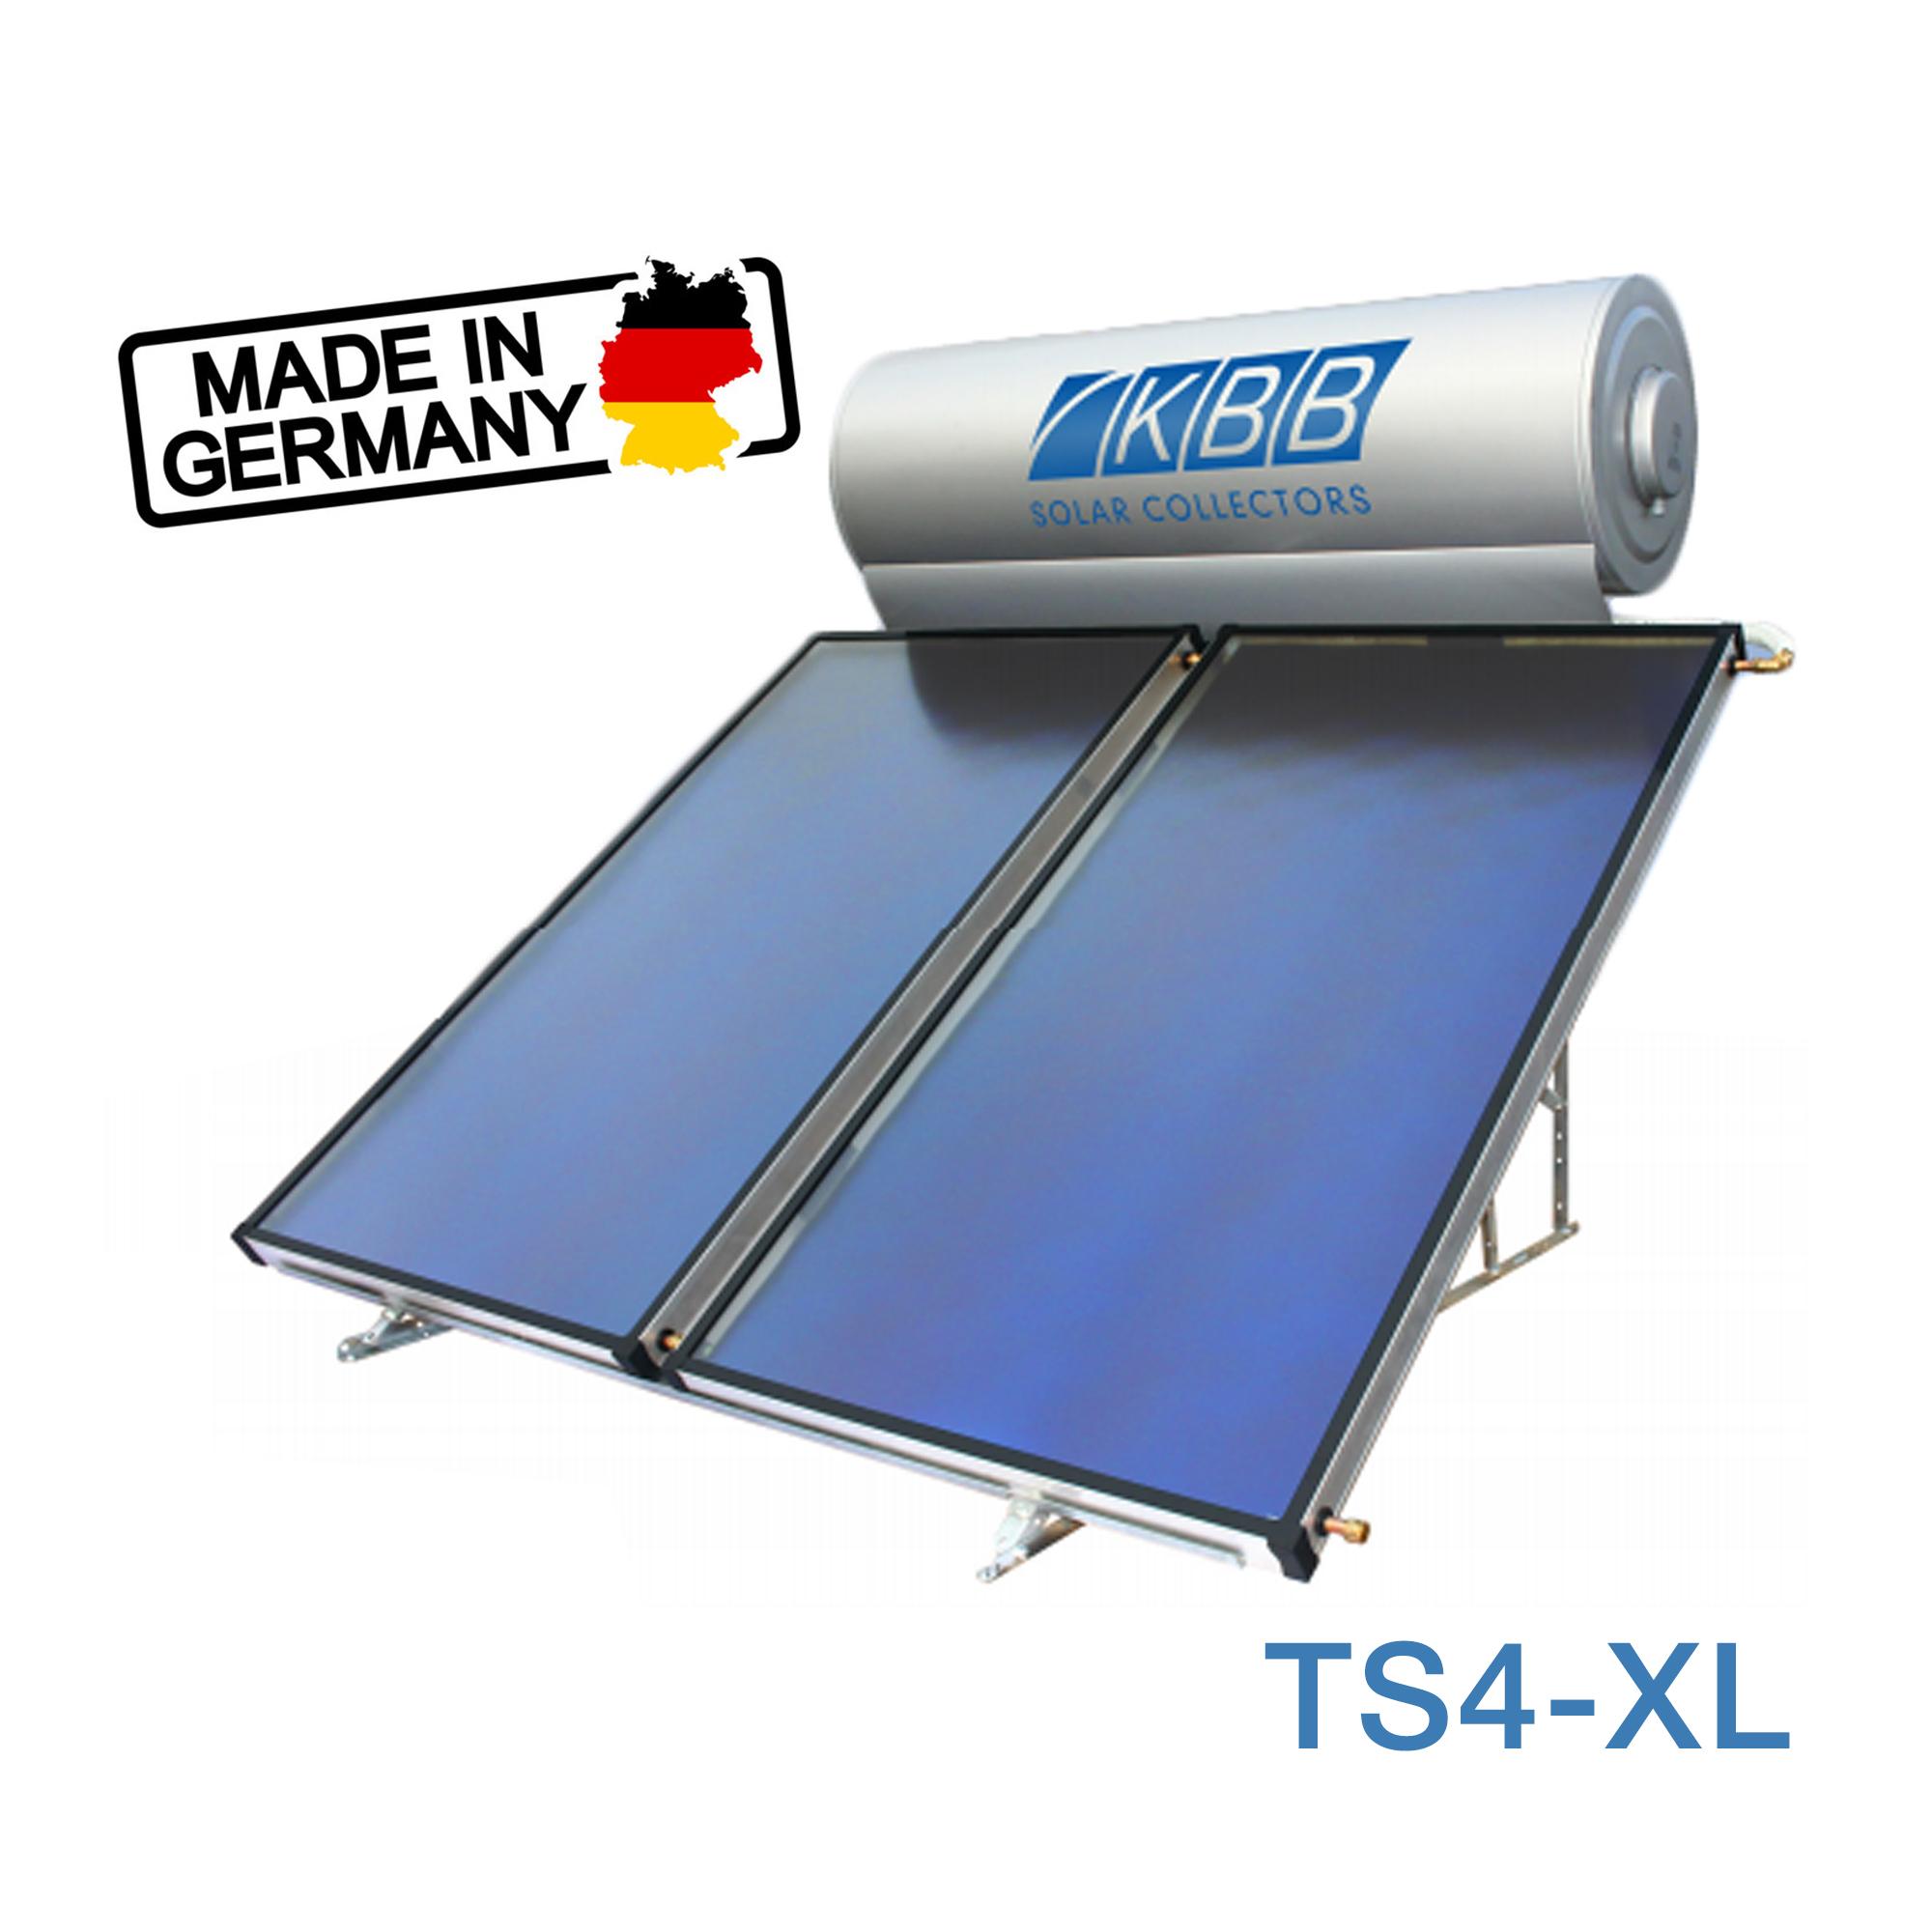 Термосифонна система нагрівання води KBB TS4-XL 300 літрів